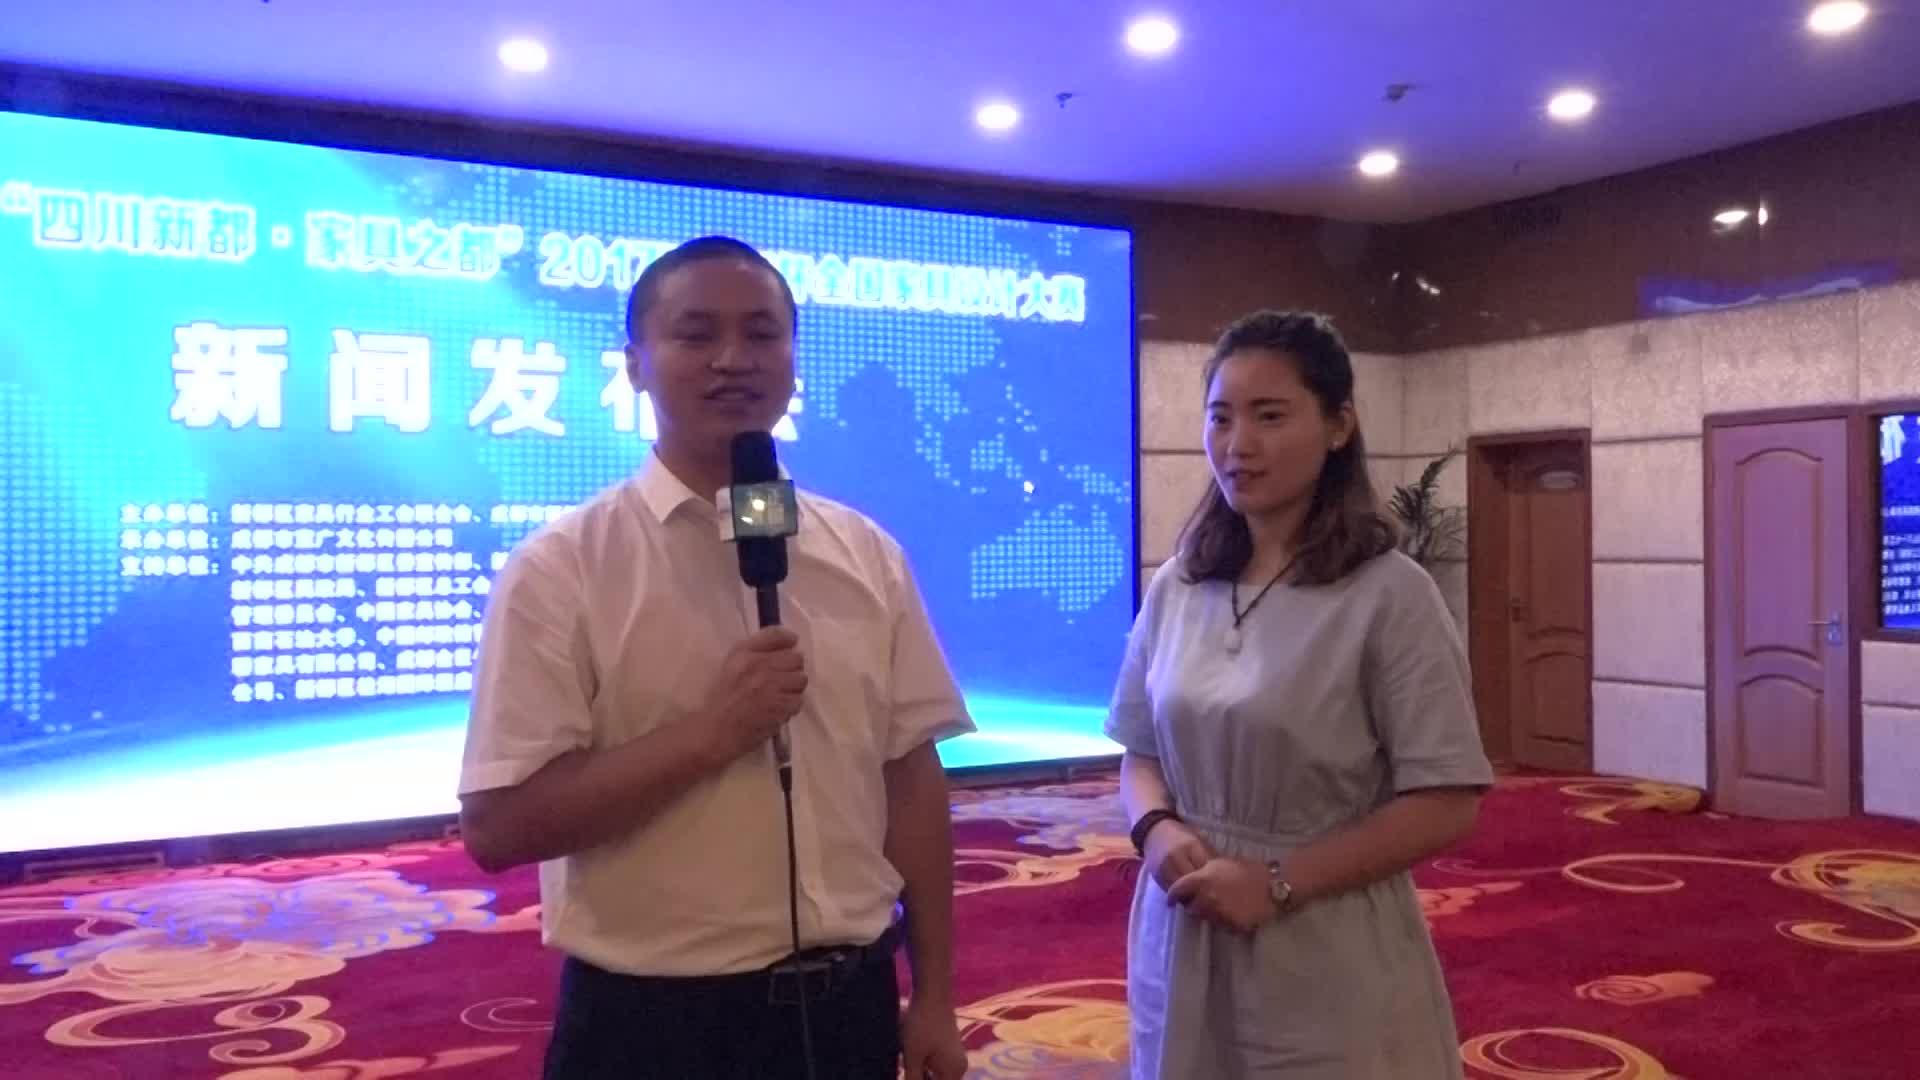 成都香江全球家居家居CBD招商部总监刘晓瑞